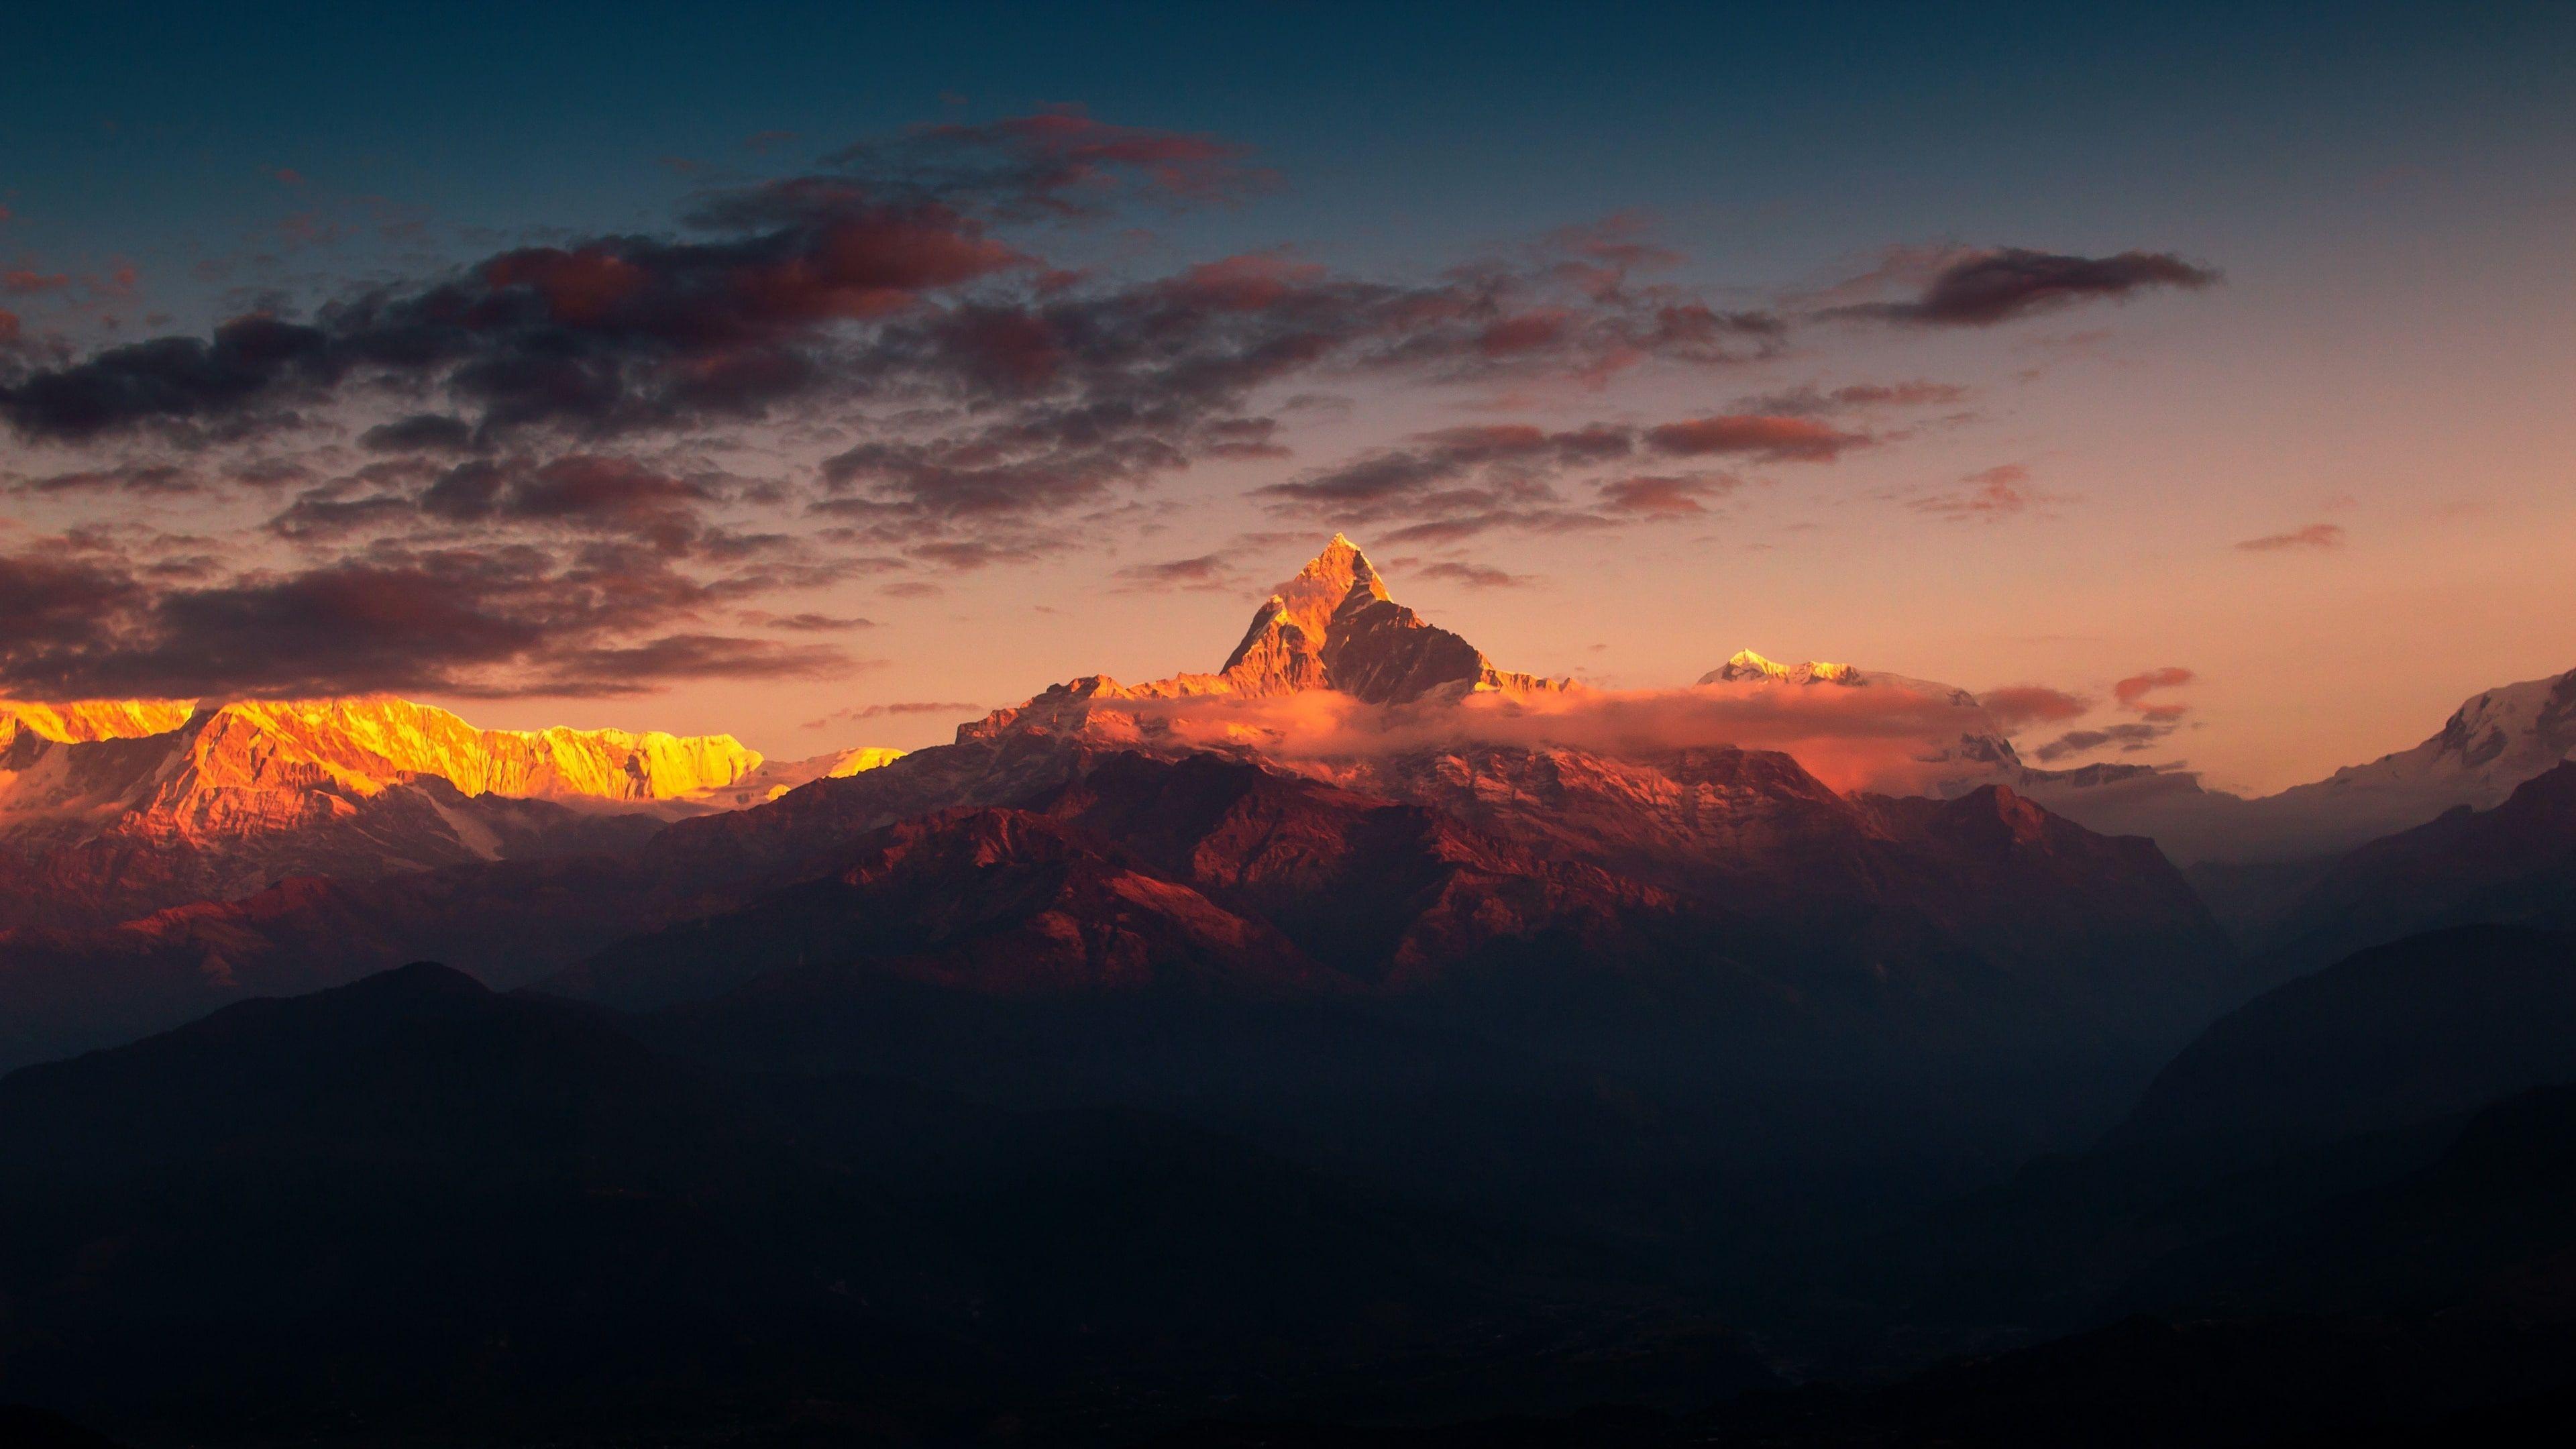 himalaya afterglow mountain himalayas mountain range cloud 3840x2160